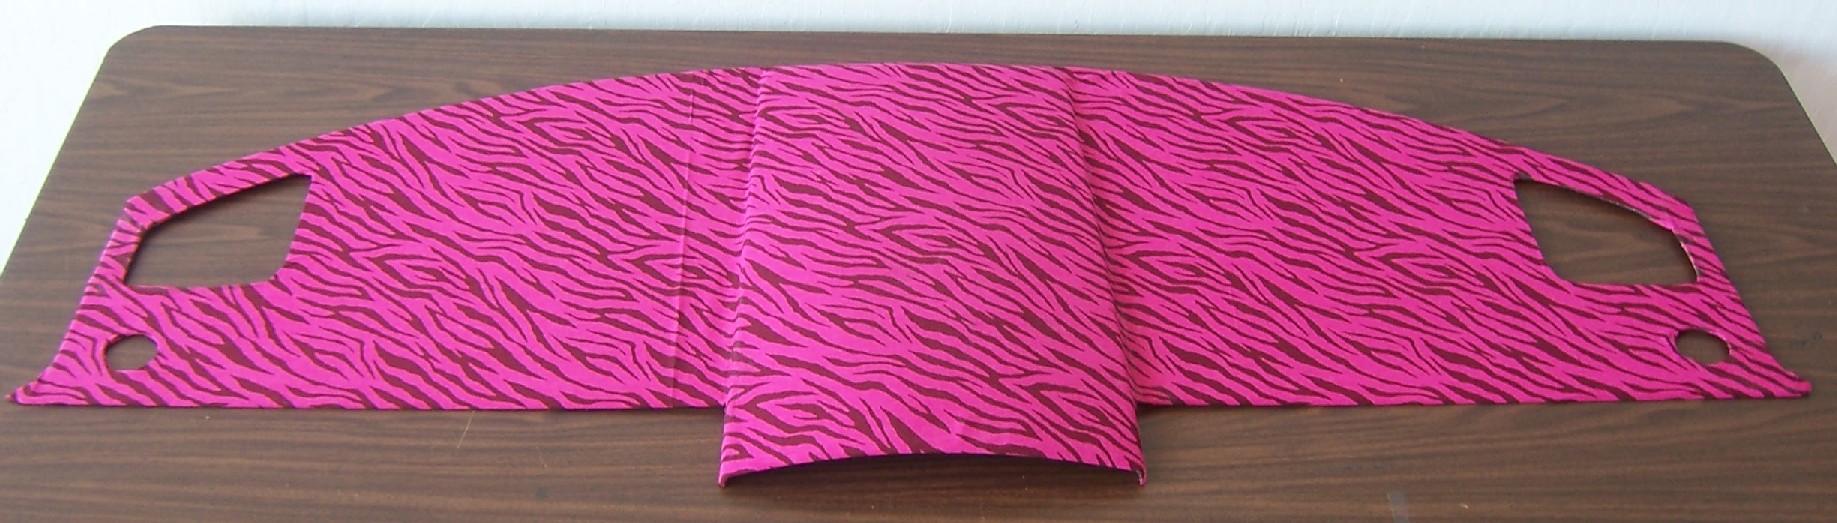 pinkblackzebra2